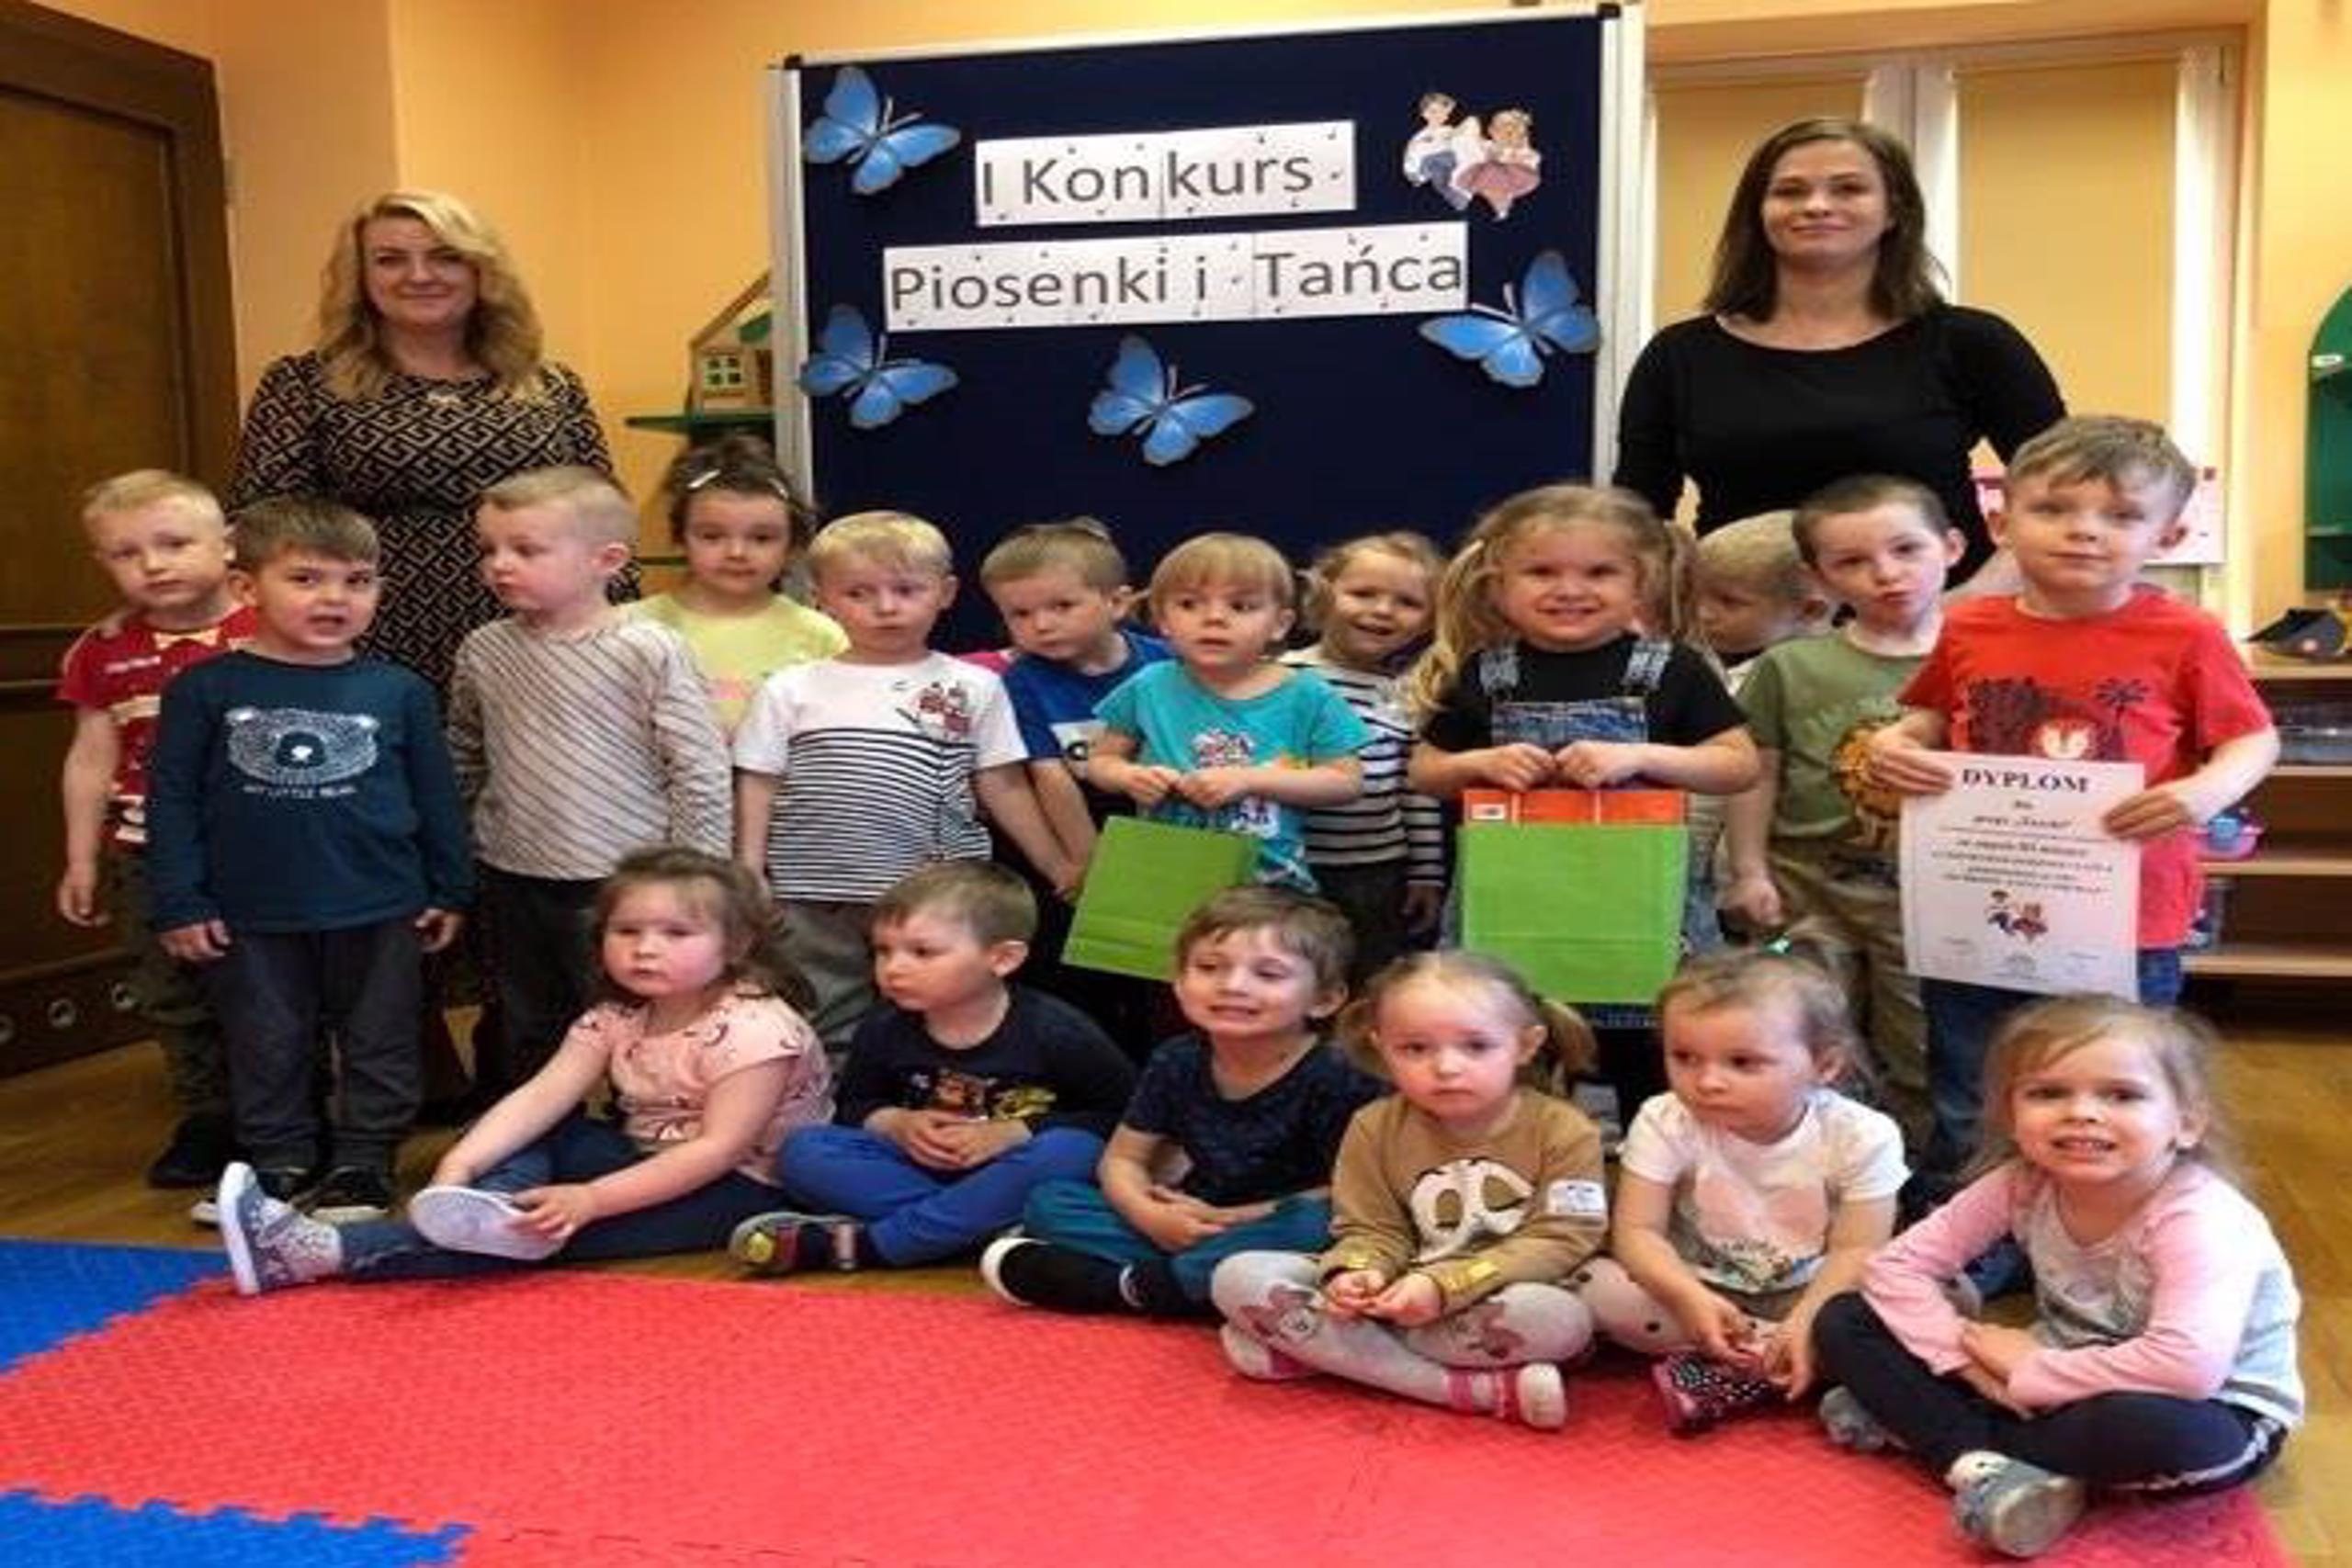 Żuczki z przedszkola w Grębocicach odbierają nagrodę za zajęcie trzeciego miejsca w Pierwszym Konkursie Piosenki i Tańca Przedszkolaczku - po prostu tańcz i śpiewaj.